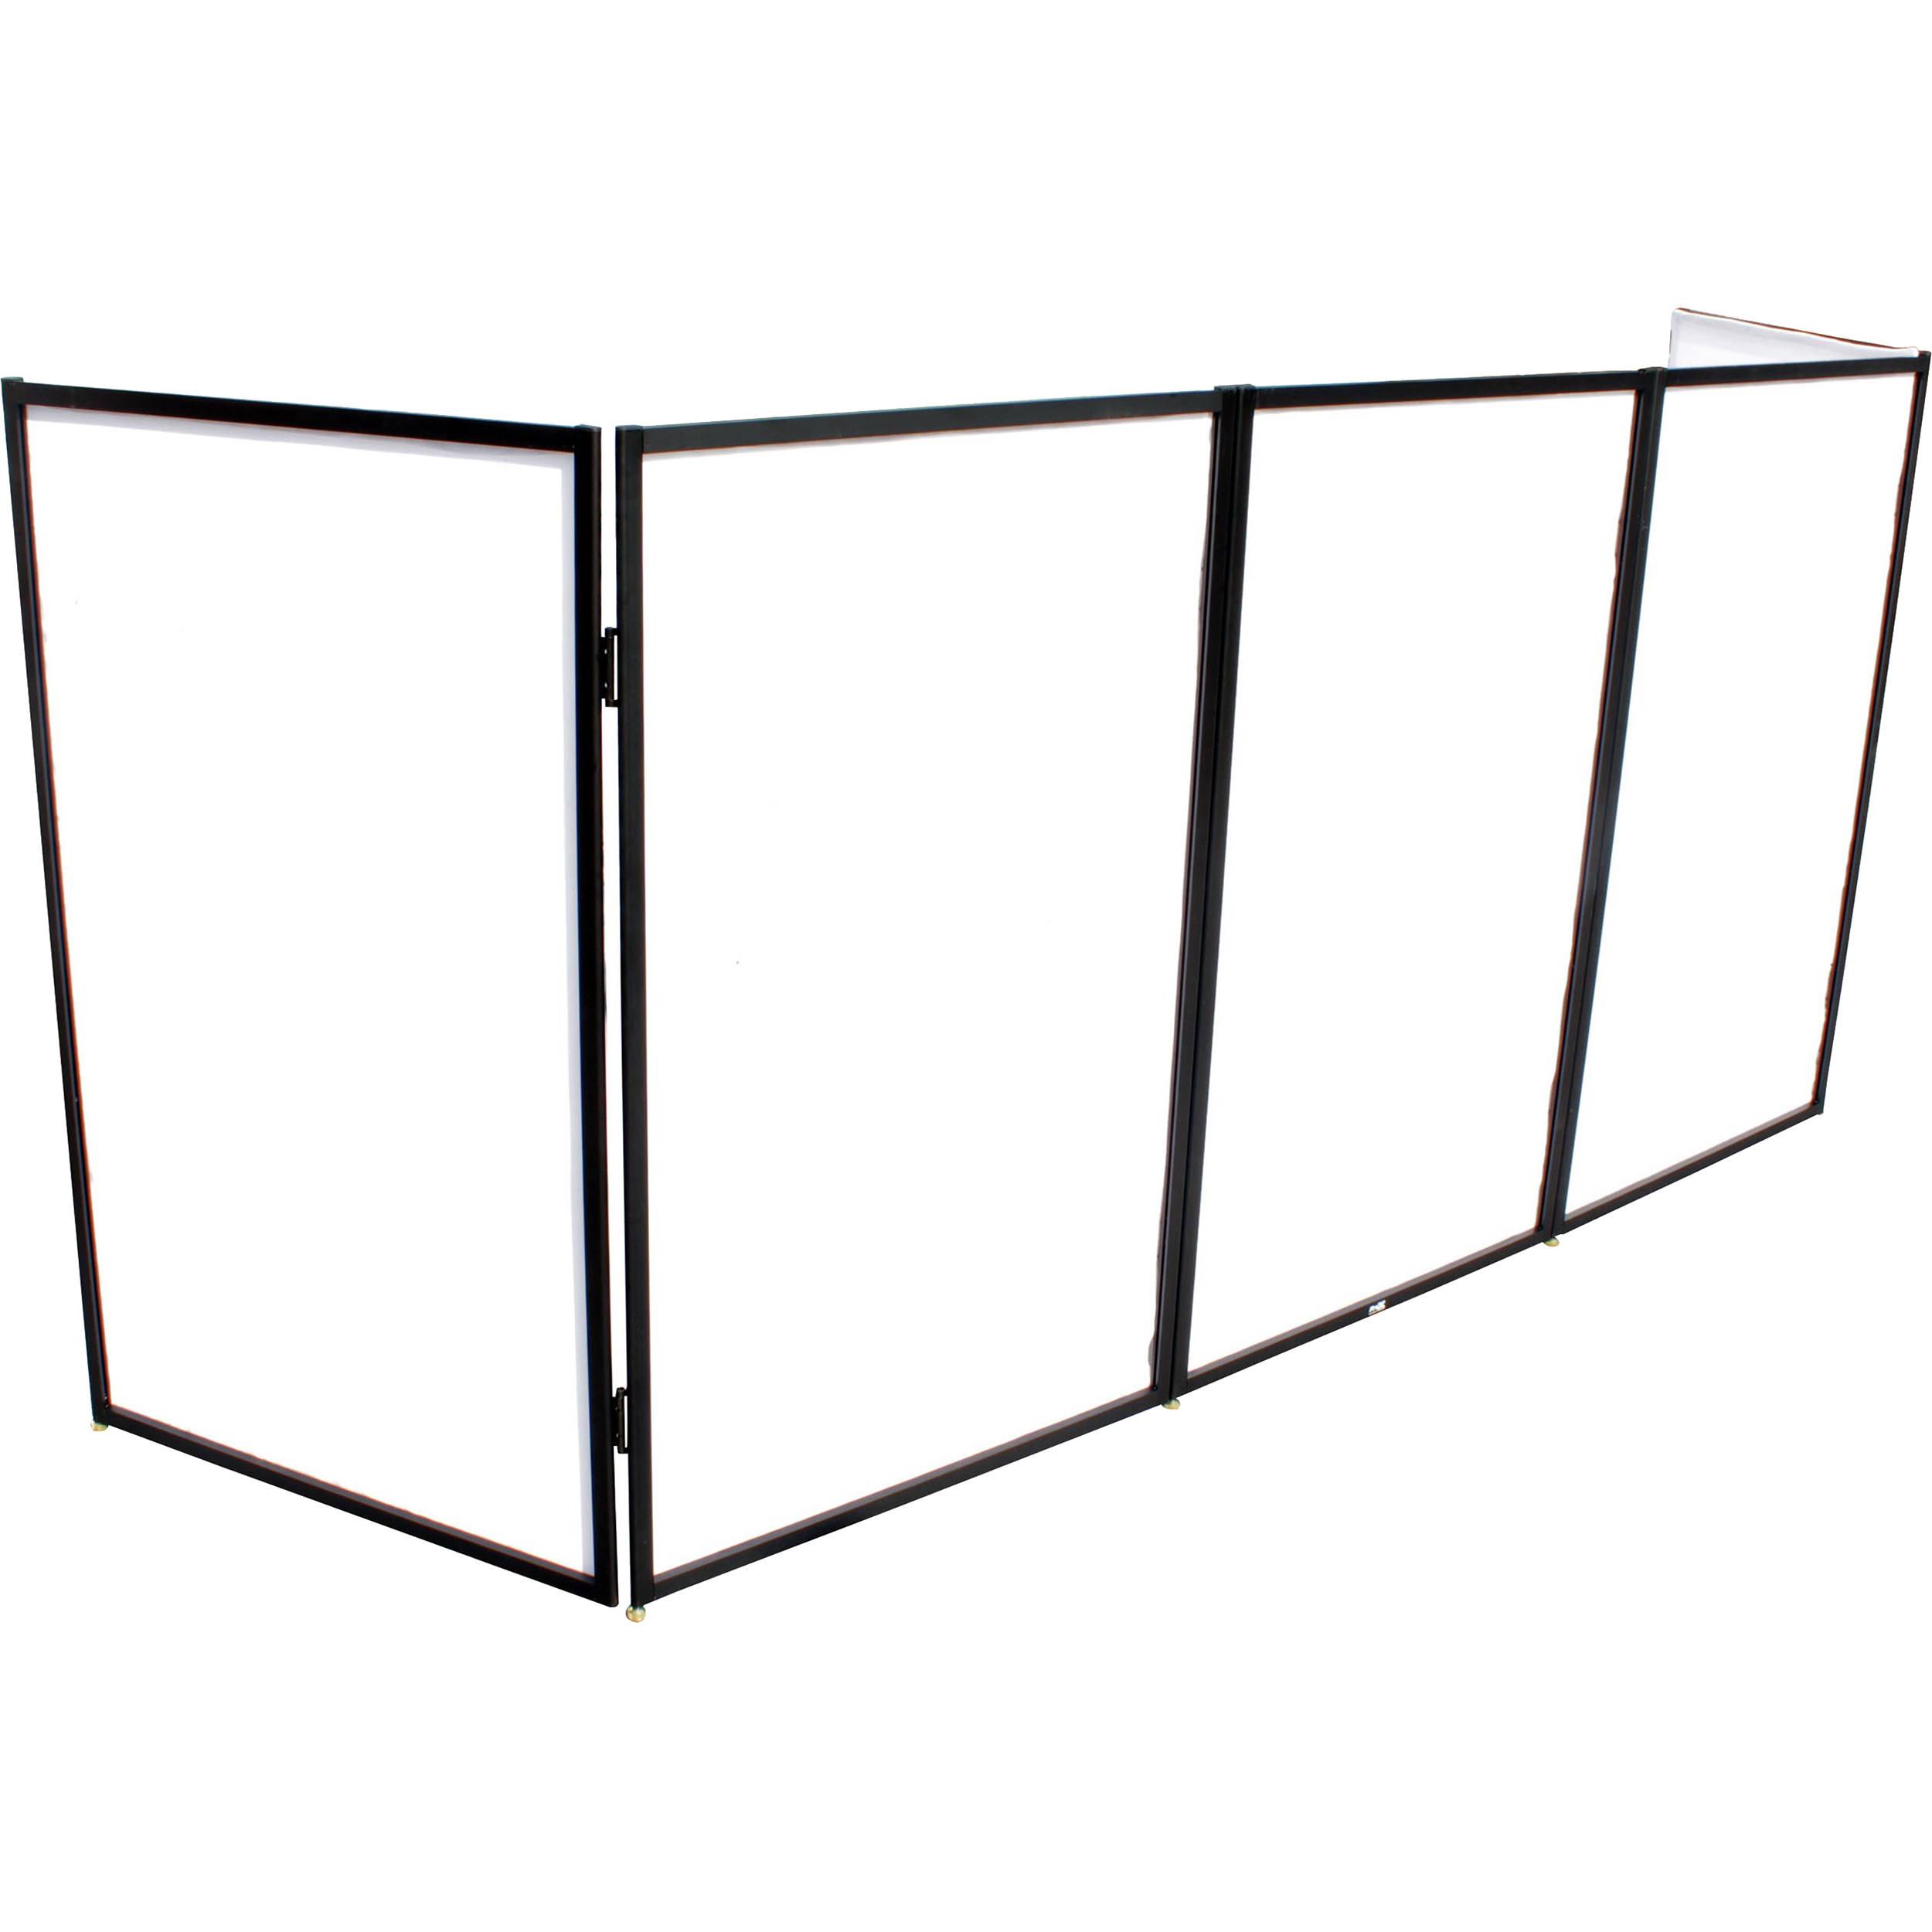 prox_xf_5x3048b_5_panels_pro_dj_1396442.jpg